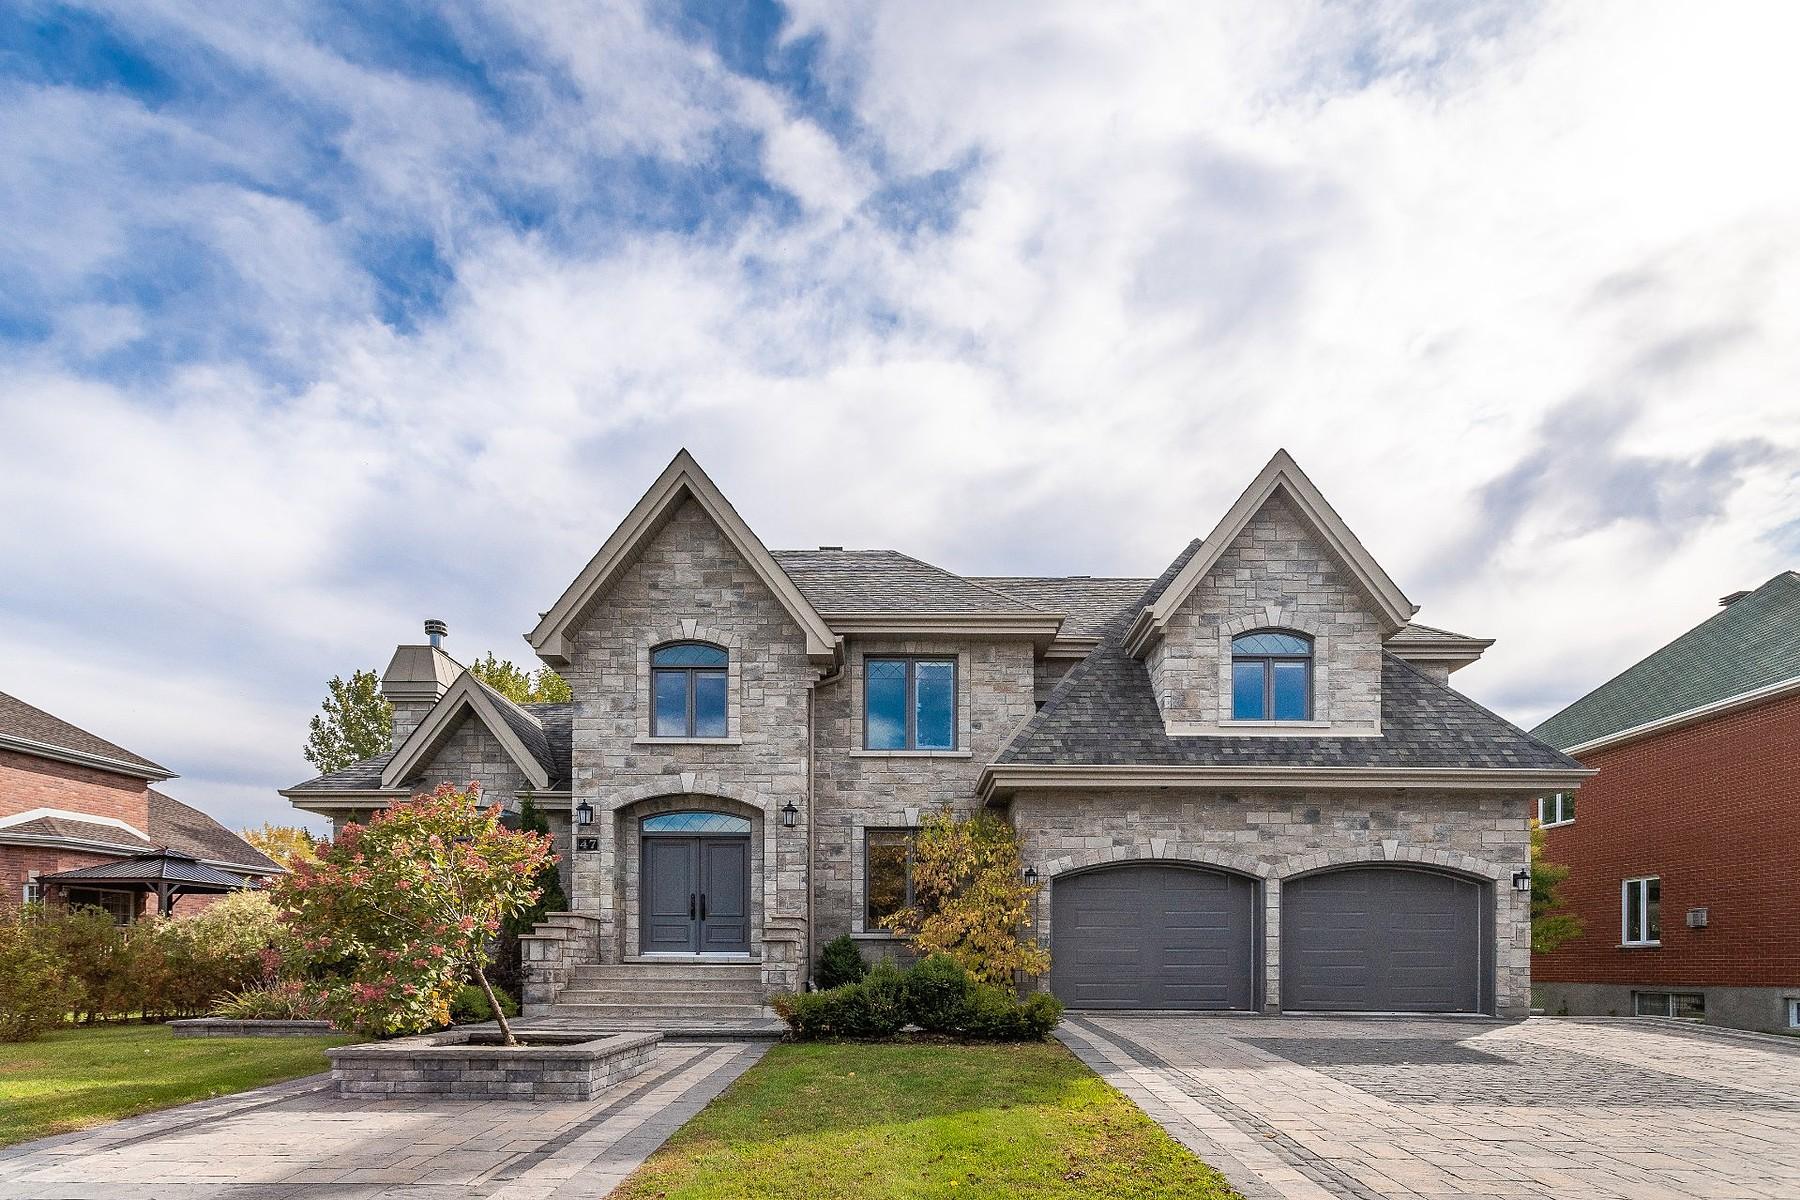 Single Family Homes for Sale at Notre-Dame-de-l'Île-Perrot, Montérégie 47 Rue Alfred-DesRochers Notre-Dame-De-L'ile-Perrot, Quebec J7V8P6 Canada